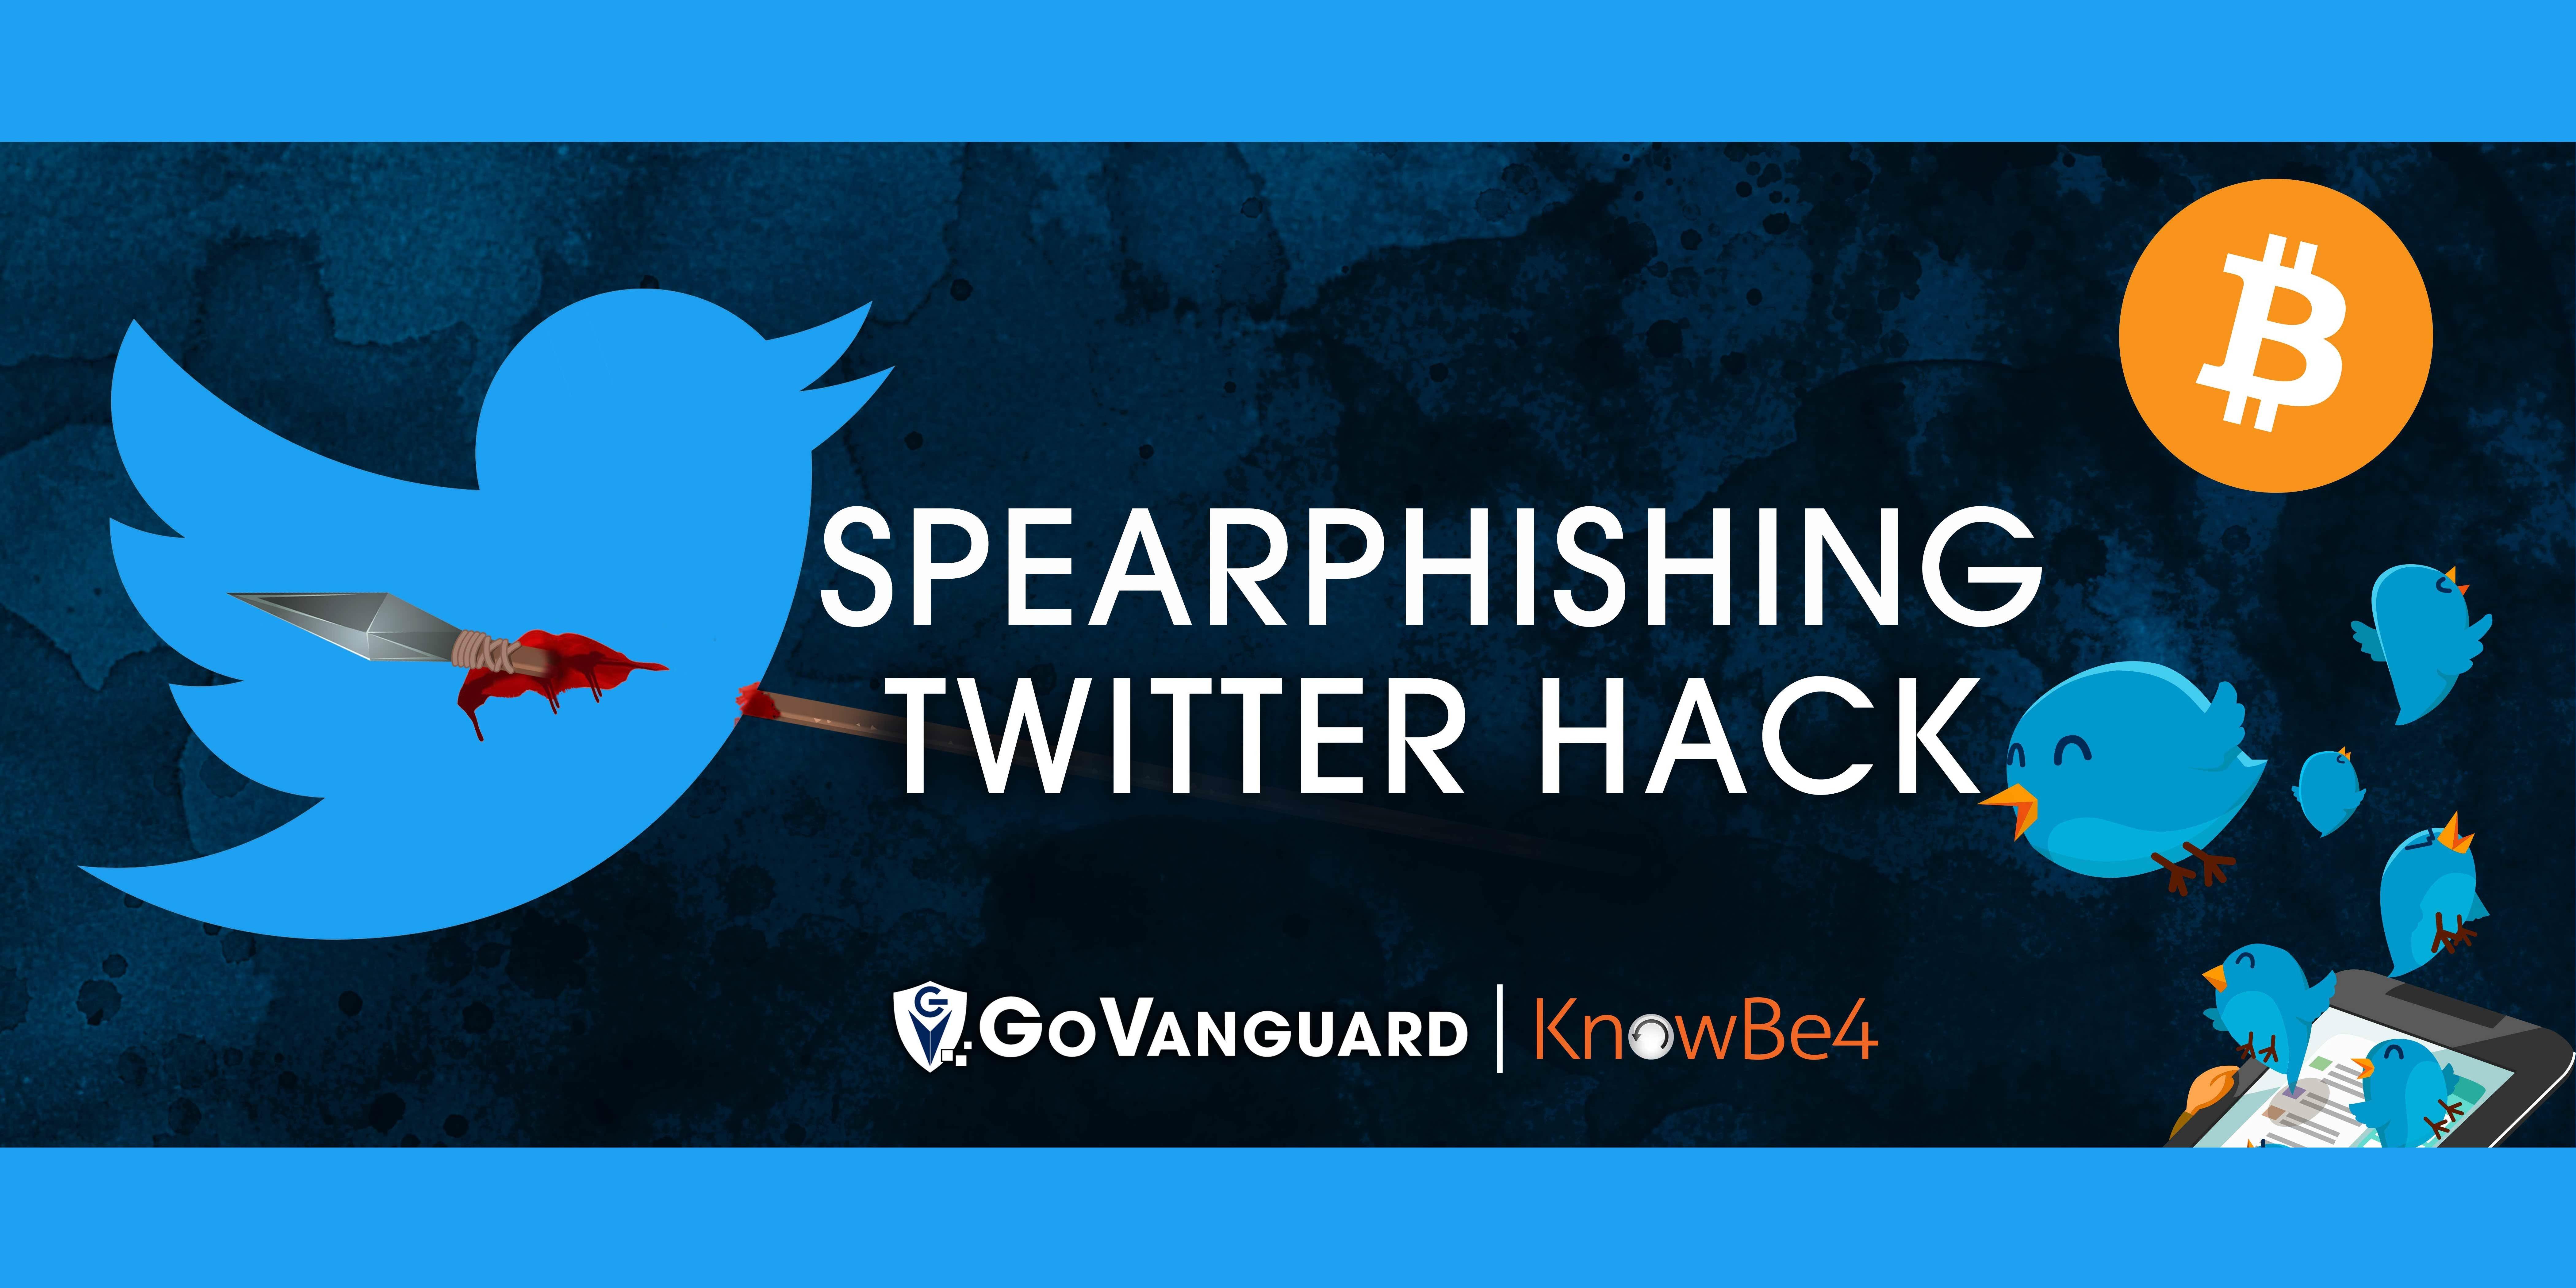 Twitter Spearphishing Header 2-01